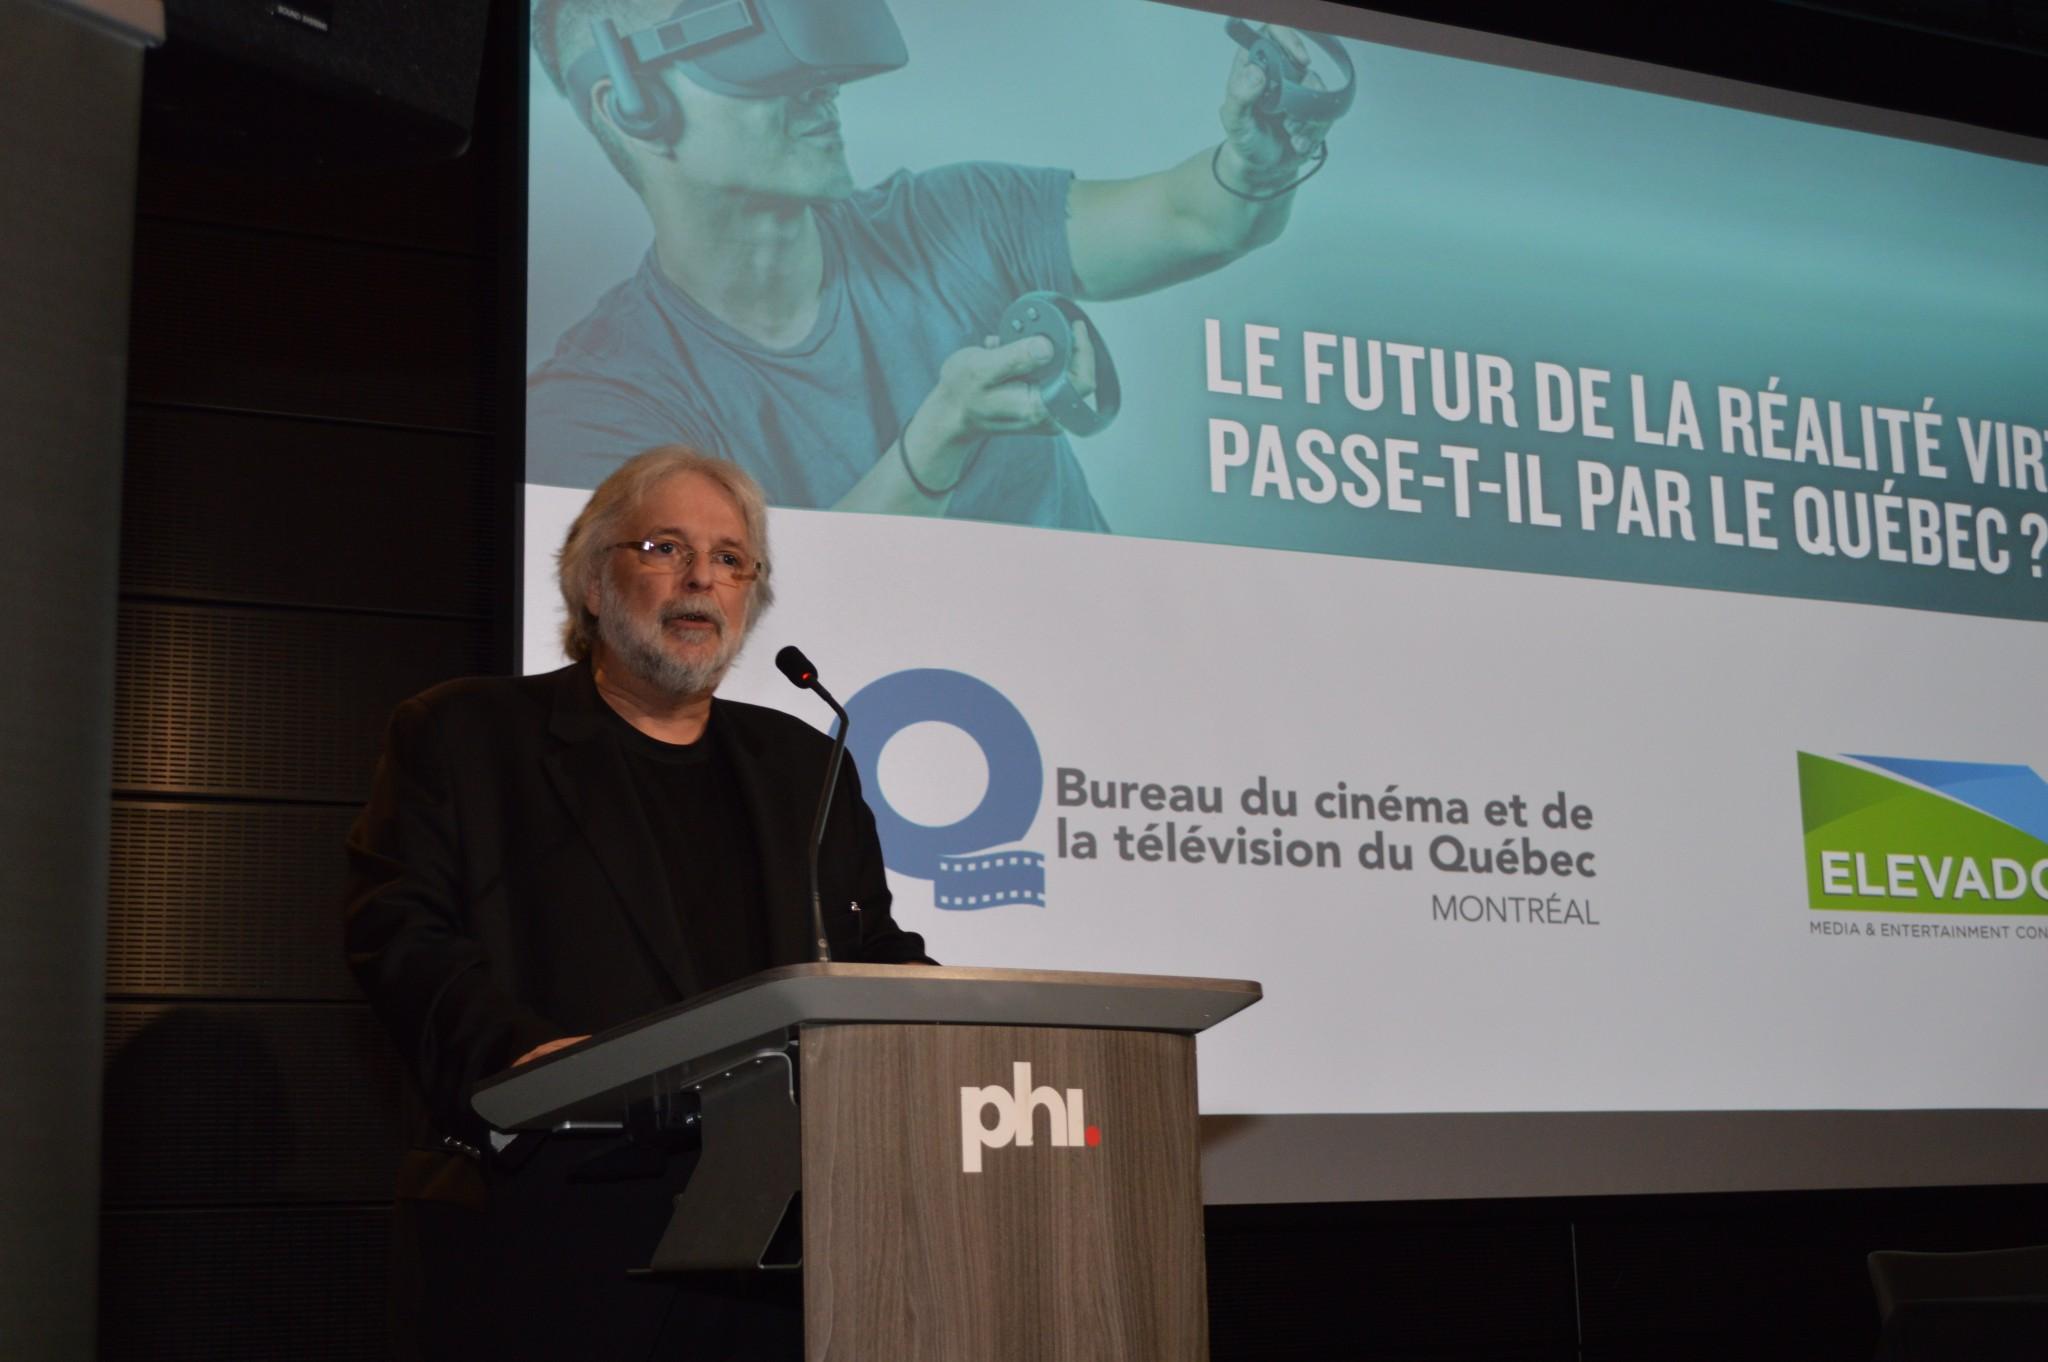 BCTQ - Le futur de la réalité virtuelle passe-t-il par le Québec ?